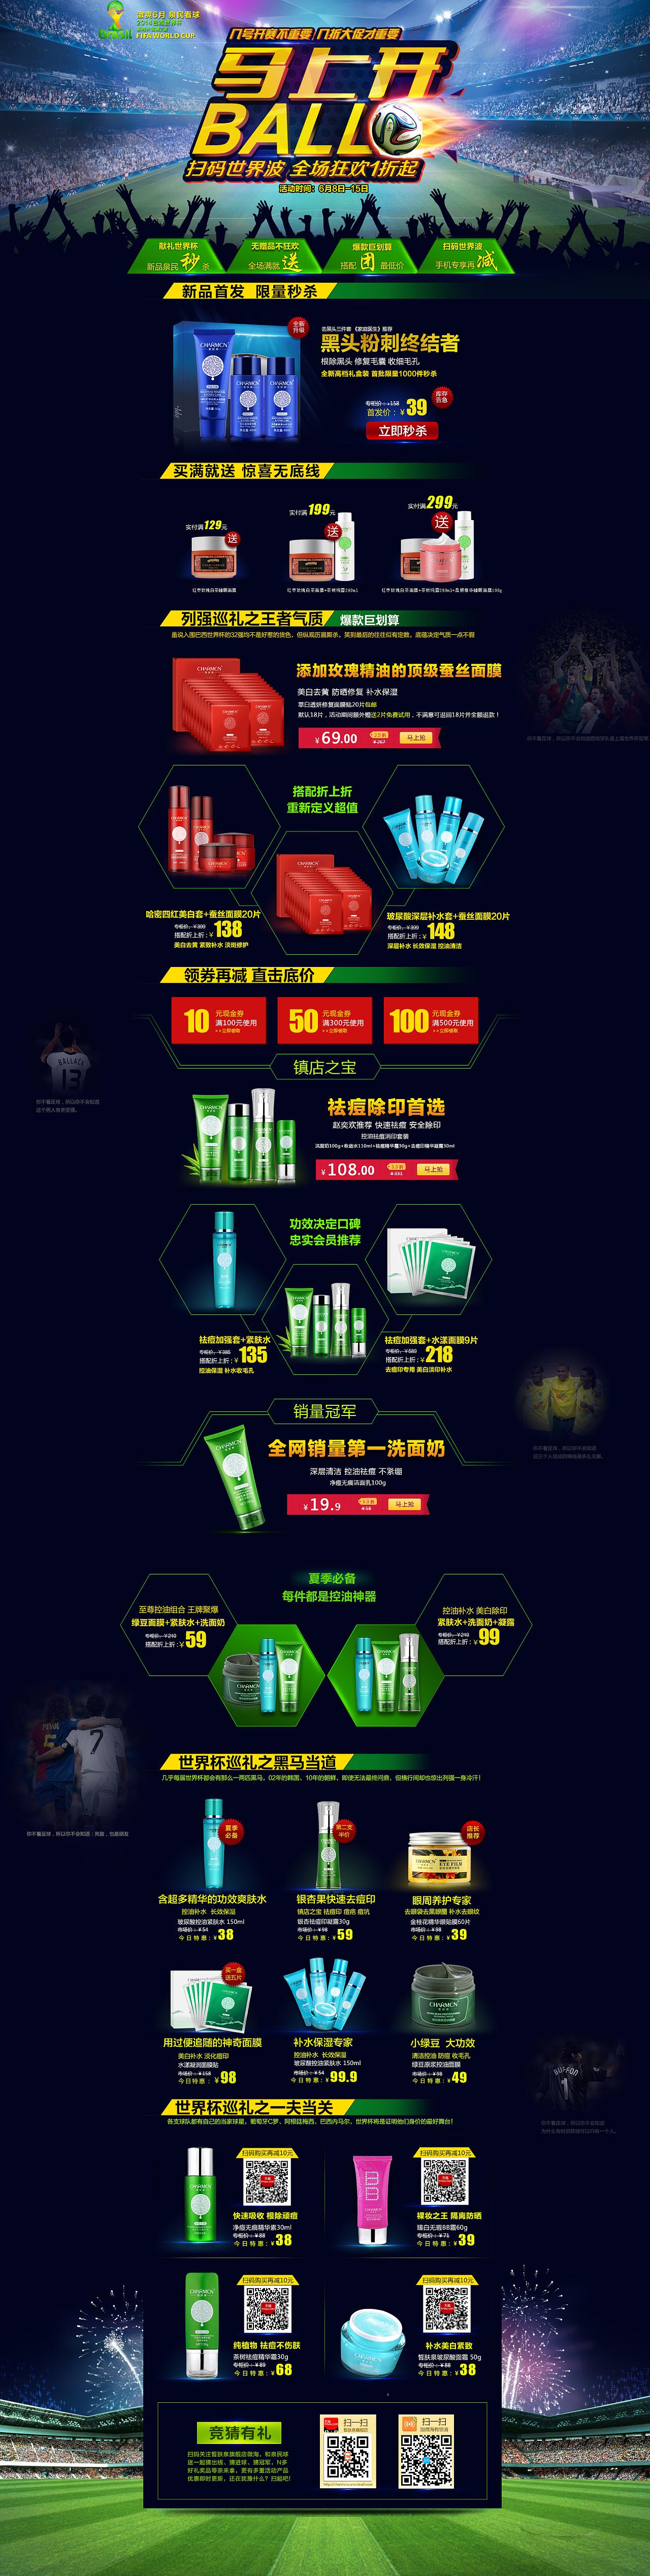 老挝赌场网站拥有完善管理服务系统,老挝赌场网站是新型国际娱乐网站平台。老挝赌场网站是一个可以自由体验在线游戏的平台,适合大众的玩家。赌球,指人们拿 足球、 网球、 篮球、 橄榄球等比赛有关的客观事实进行赌博的行为。从法律上讲,因为用球赛的相关事实作为输赢的评判手段,它的构成要件已经符合.老挝磨丁黄金城赌场是一个黑社会恐怖组织!!!!!老挝磨丁黄金城赌场之所以说它是针对中国国内公民的黑社会性质的恐怖犯罪集团,基于以下特征————1/.黄金城赌场设有.